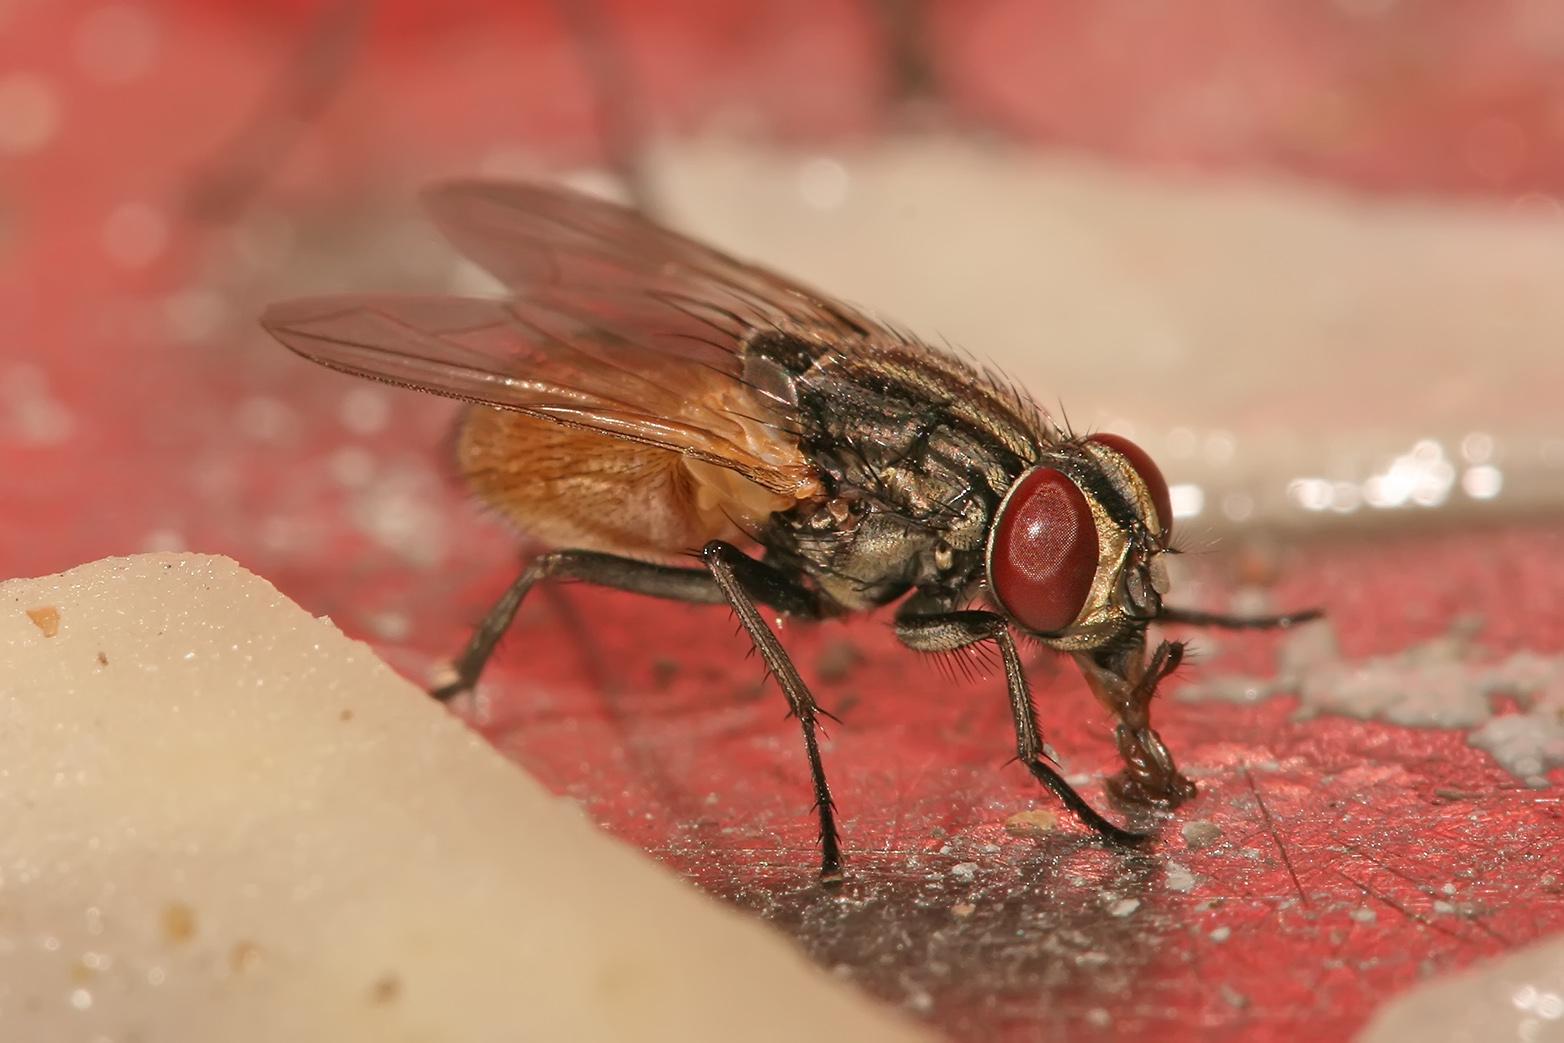 Comment Se Débarrasser De Moucherons Naturellement j'aime ma maison: comment se débarrasser des mouches